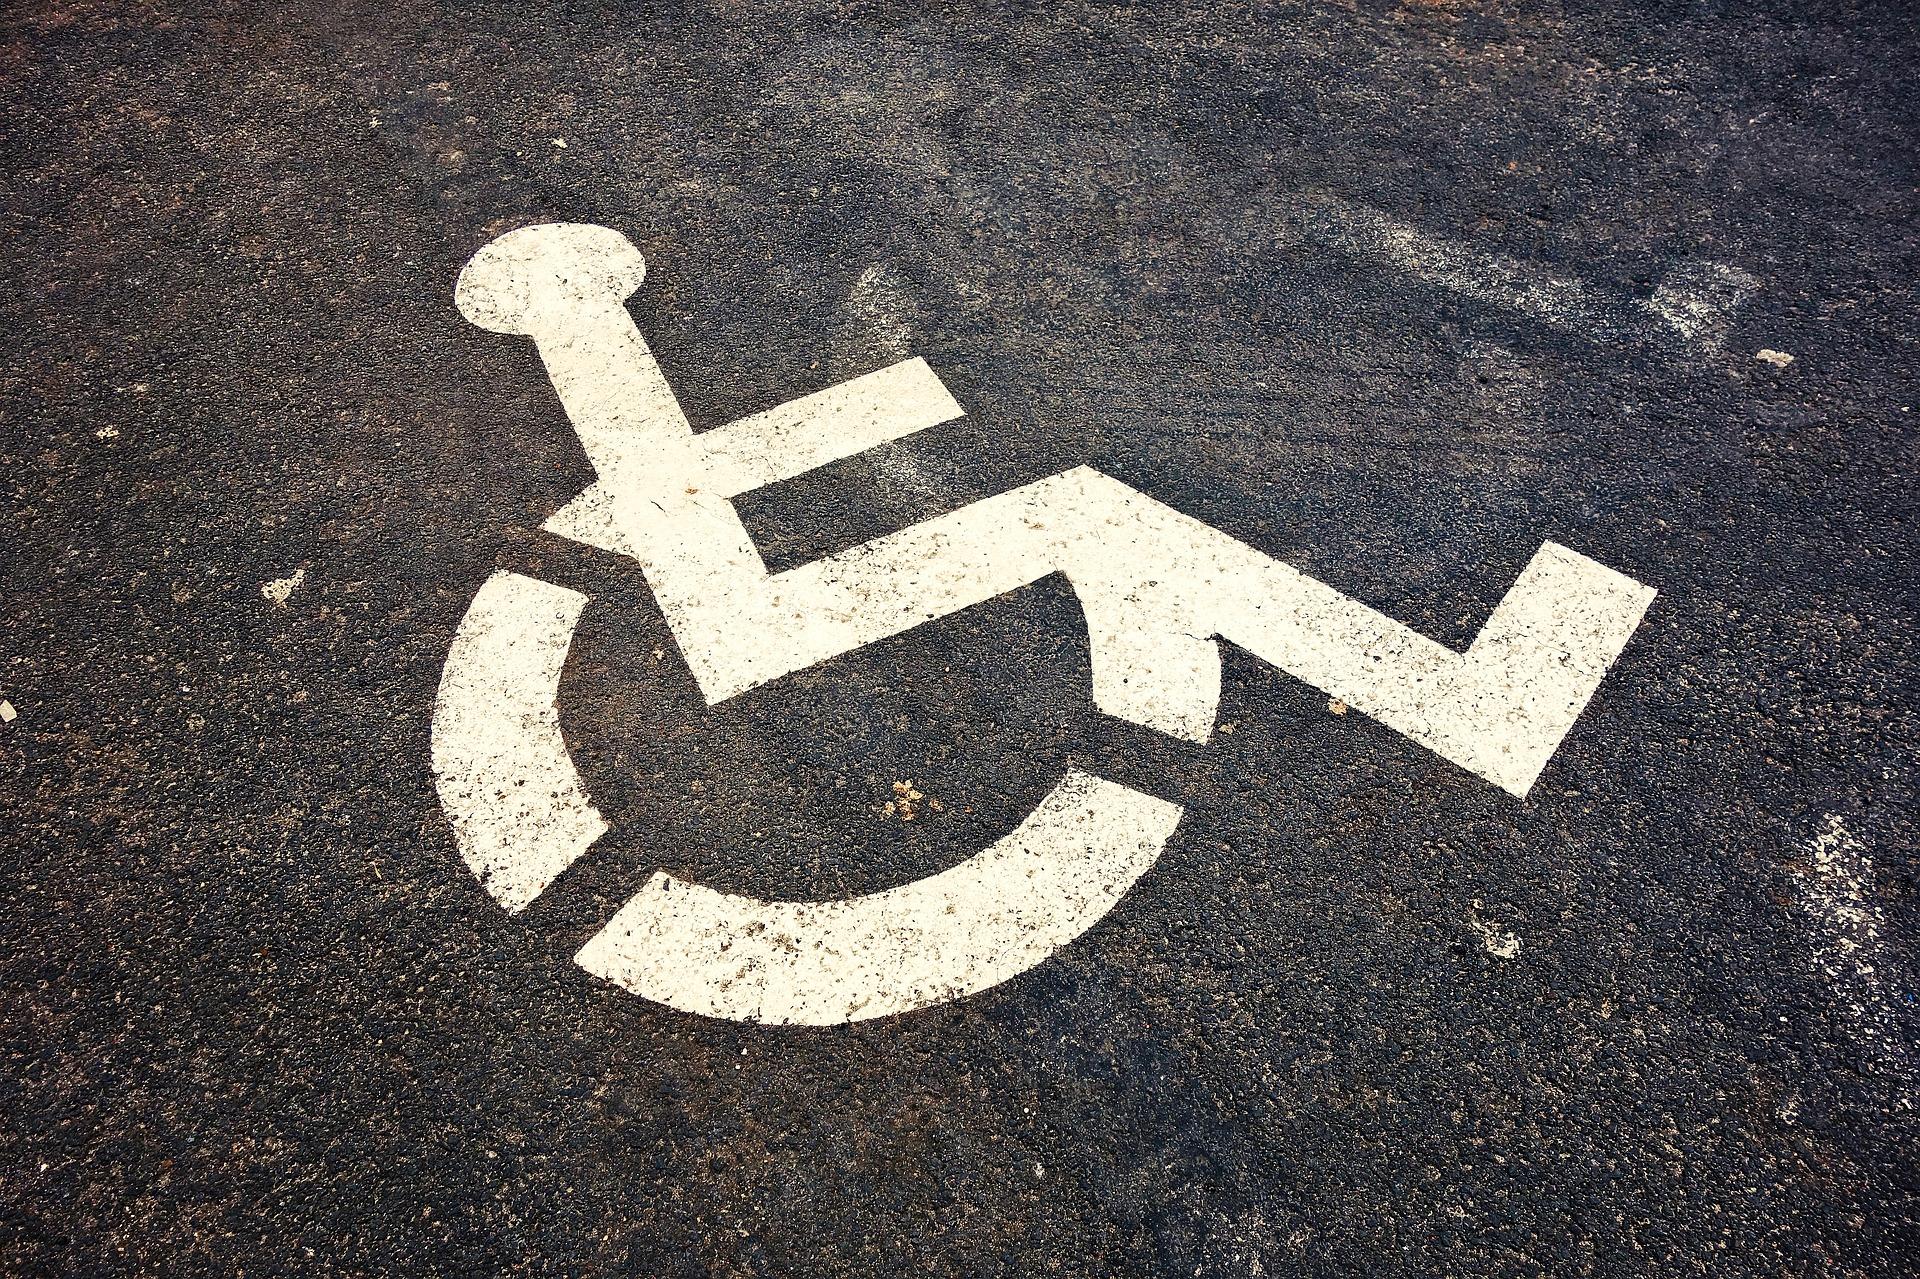 EP: Treba uklanjati prepreke za slobodno kretanje osoba s invaliditetom